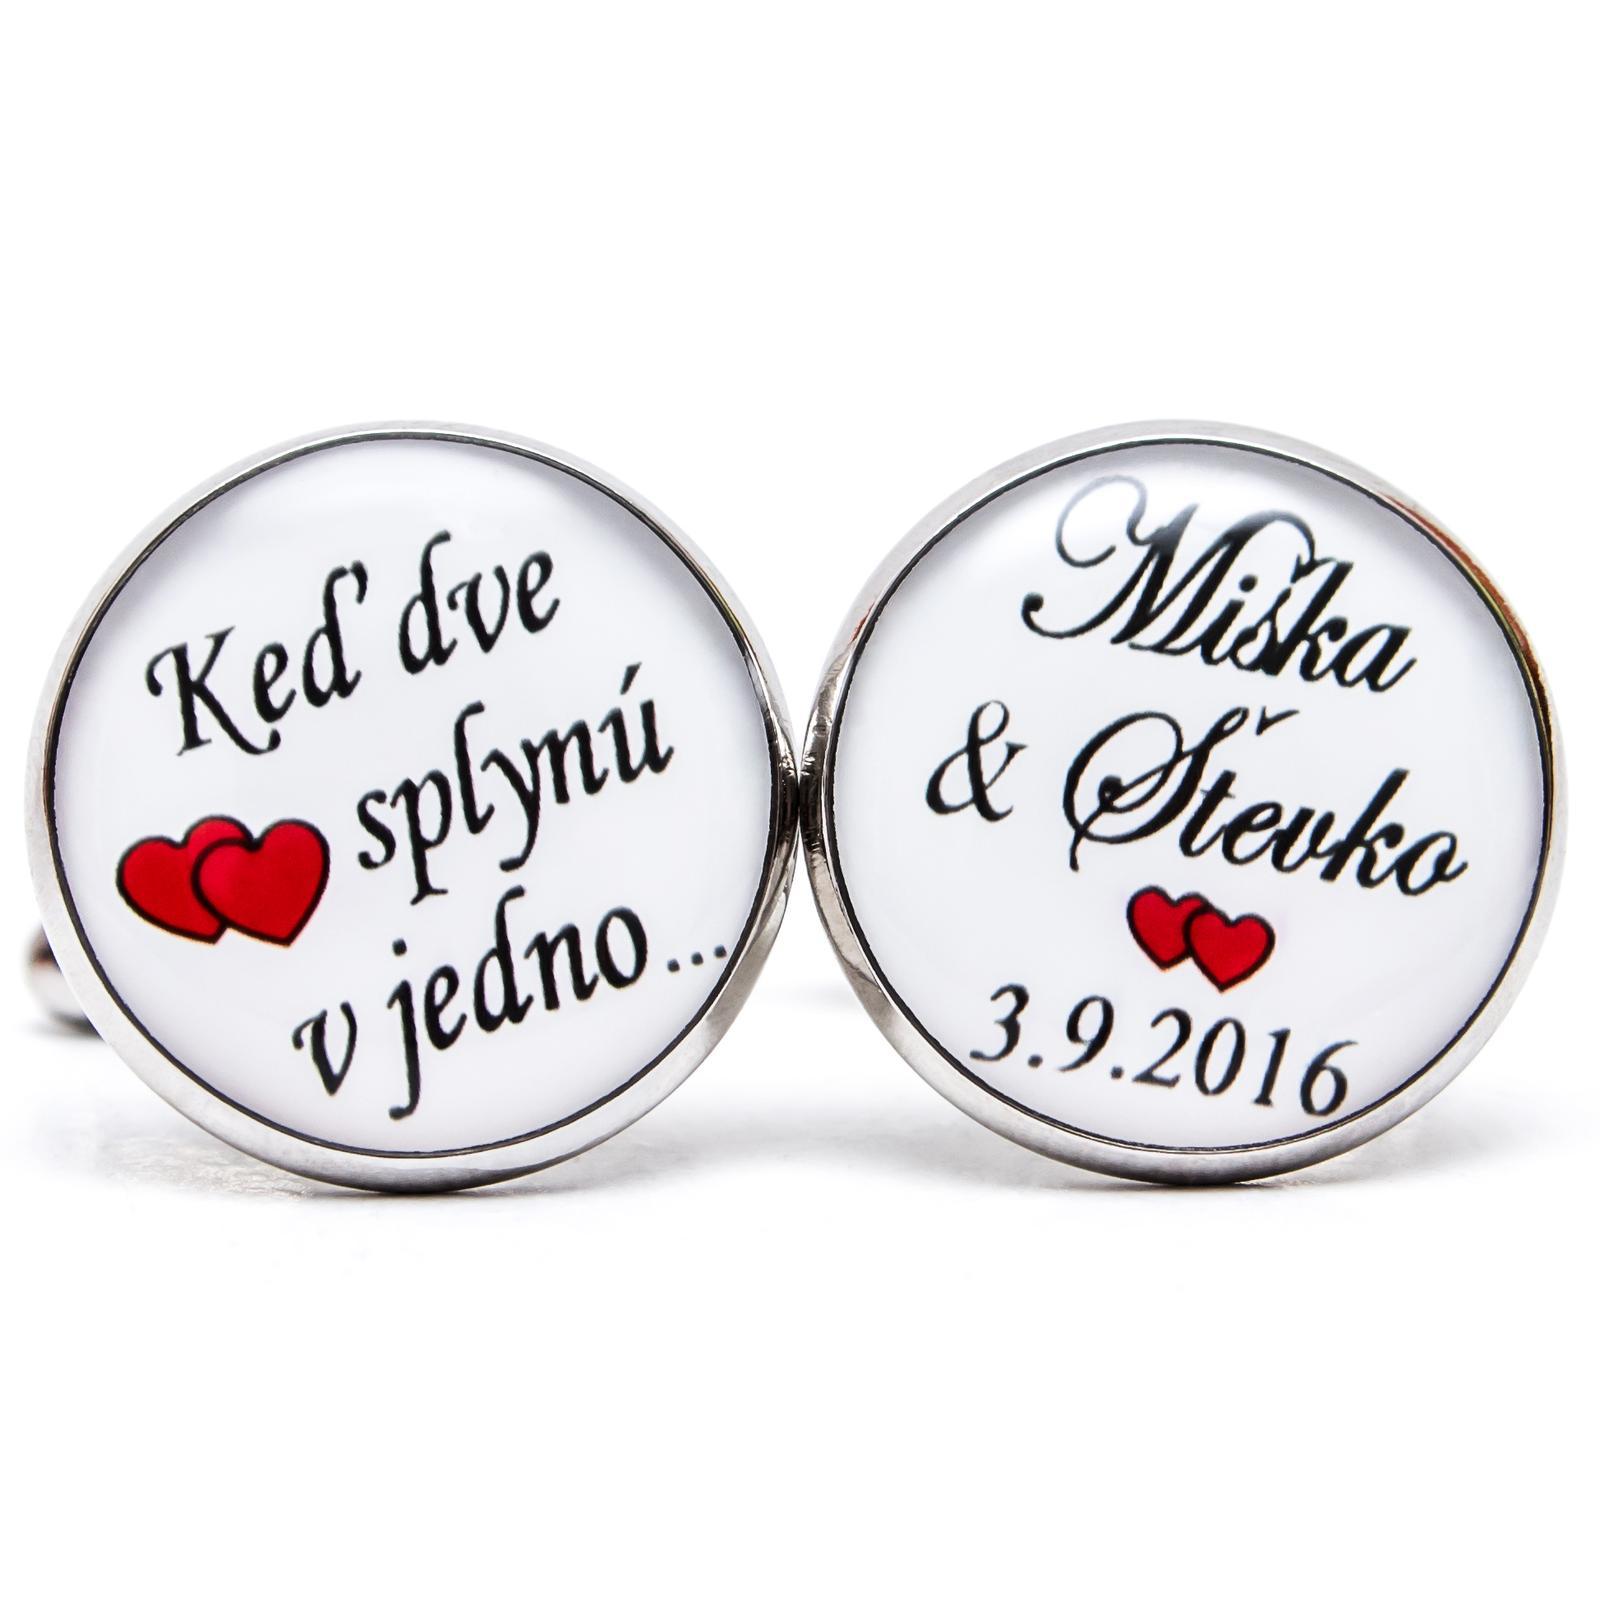 ♥  Manžetové gombíky na mieru - presne podľa Tvojich predstáv ♥ - Ked dve srdcia splynú v jedno